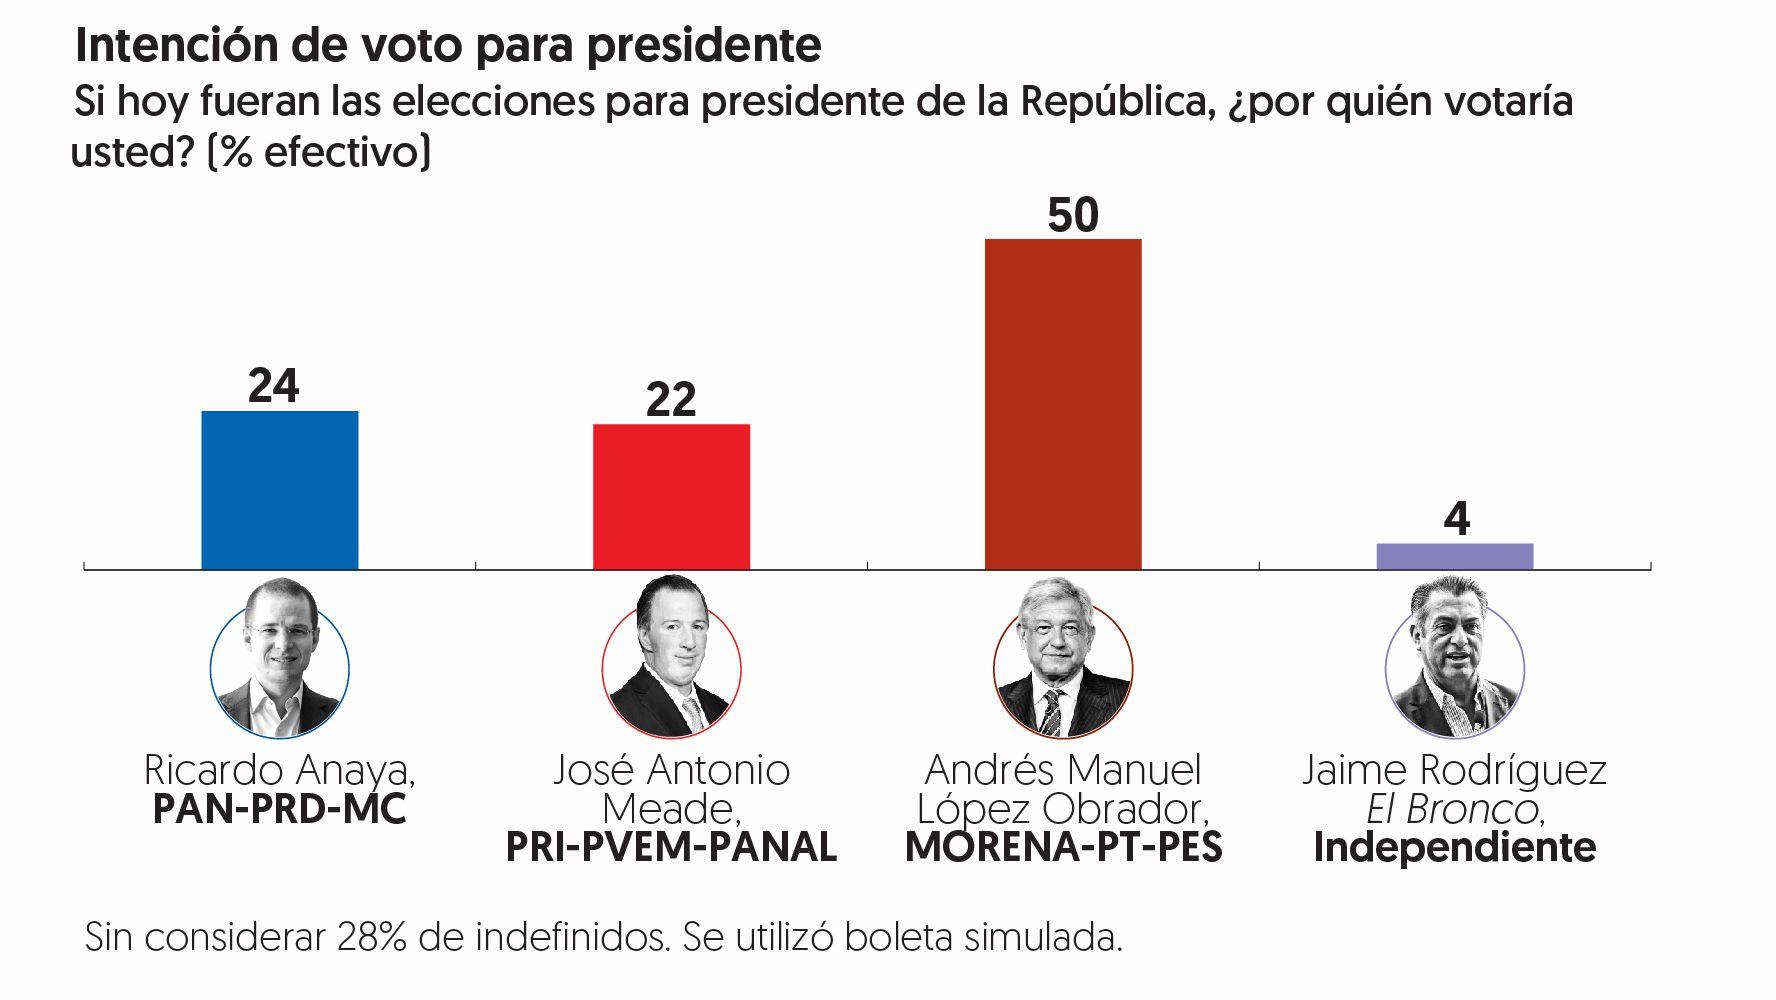 Encuesta de preferencias electorales de <em></noscript>El Financiero</em>. Publicación: 4 de junio de 2018.&#8221; width=&#8221;1776&#8243; height=&#8221;1000&#8243; class=&#8221;aligncenter size-full wp-image-2765&#8243;></a></p> <p>&#8220;La ventaja de Andrés Manuel López Obrador se amplió entre mayo y junio de 20 a 26 puntos, al subir en la intención de voto de 46% a 50%, mientras que Ricardo Anaya pasó de 26 a 24% José Antonio Meade suma 22%&#8221;, destaca Alejandro Moreno en la <a href=